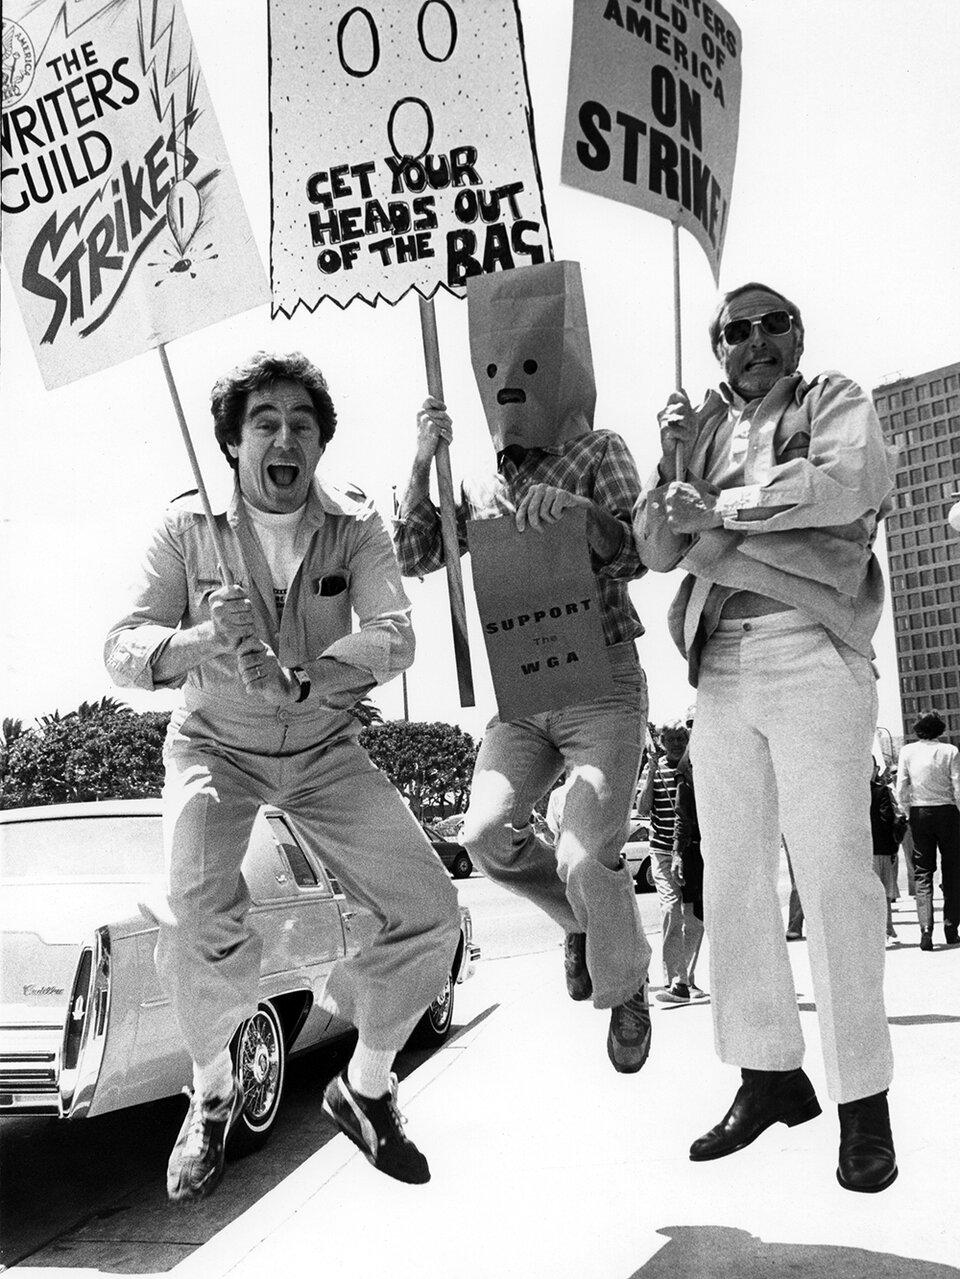 Актер икомпозитор Энтони Ньюли, комик Мюррей Лэнгстон исценарист Льюис Джон Карлино пикетируют перед офисом ABC Studios вовремя трехмесячной забастовки WGA в1981-м. Бастующие требовали отстудий делиться прибылями отдомашнего видео иплатного телеконтента / Фото:Getty Images